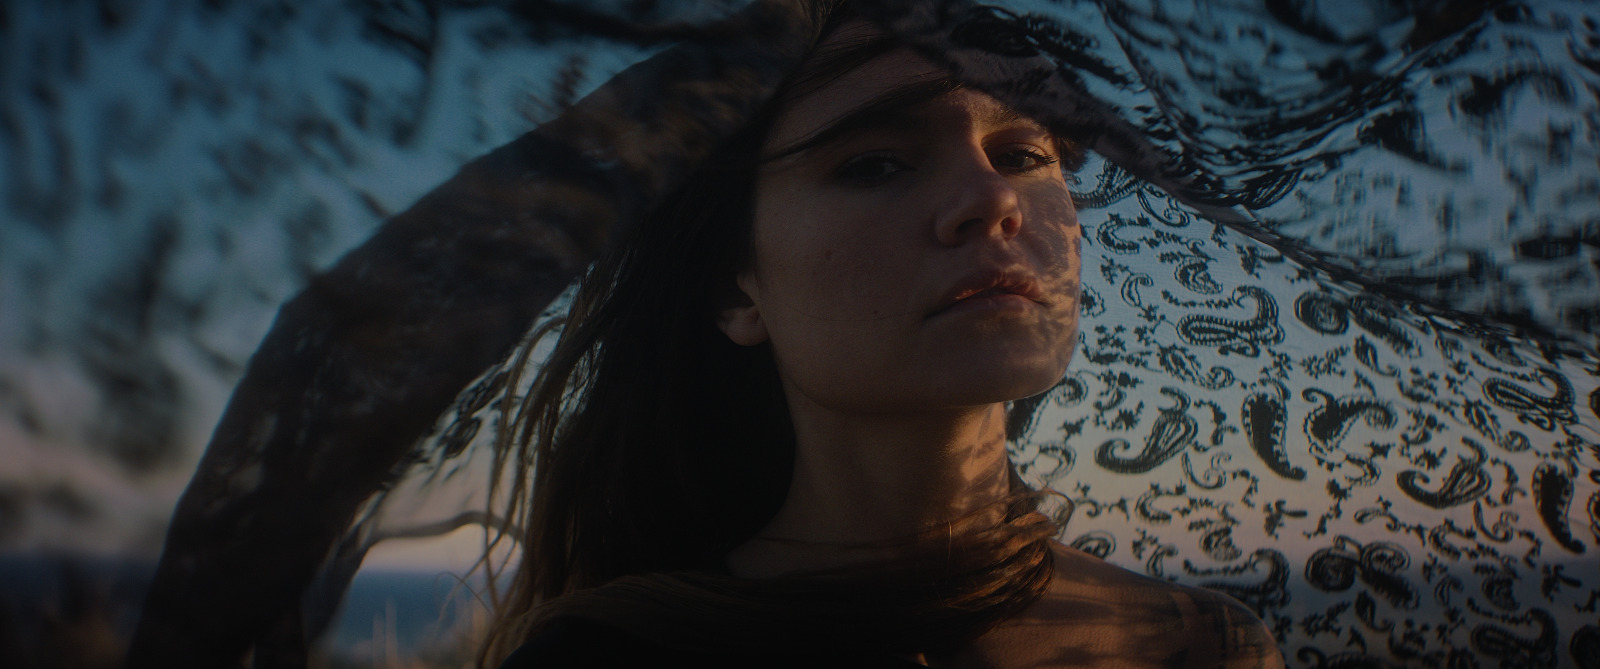 SARA ZOZAYA - BAT